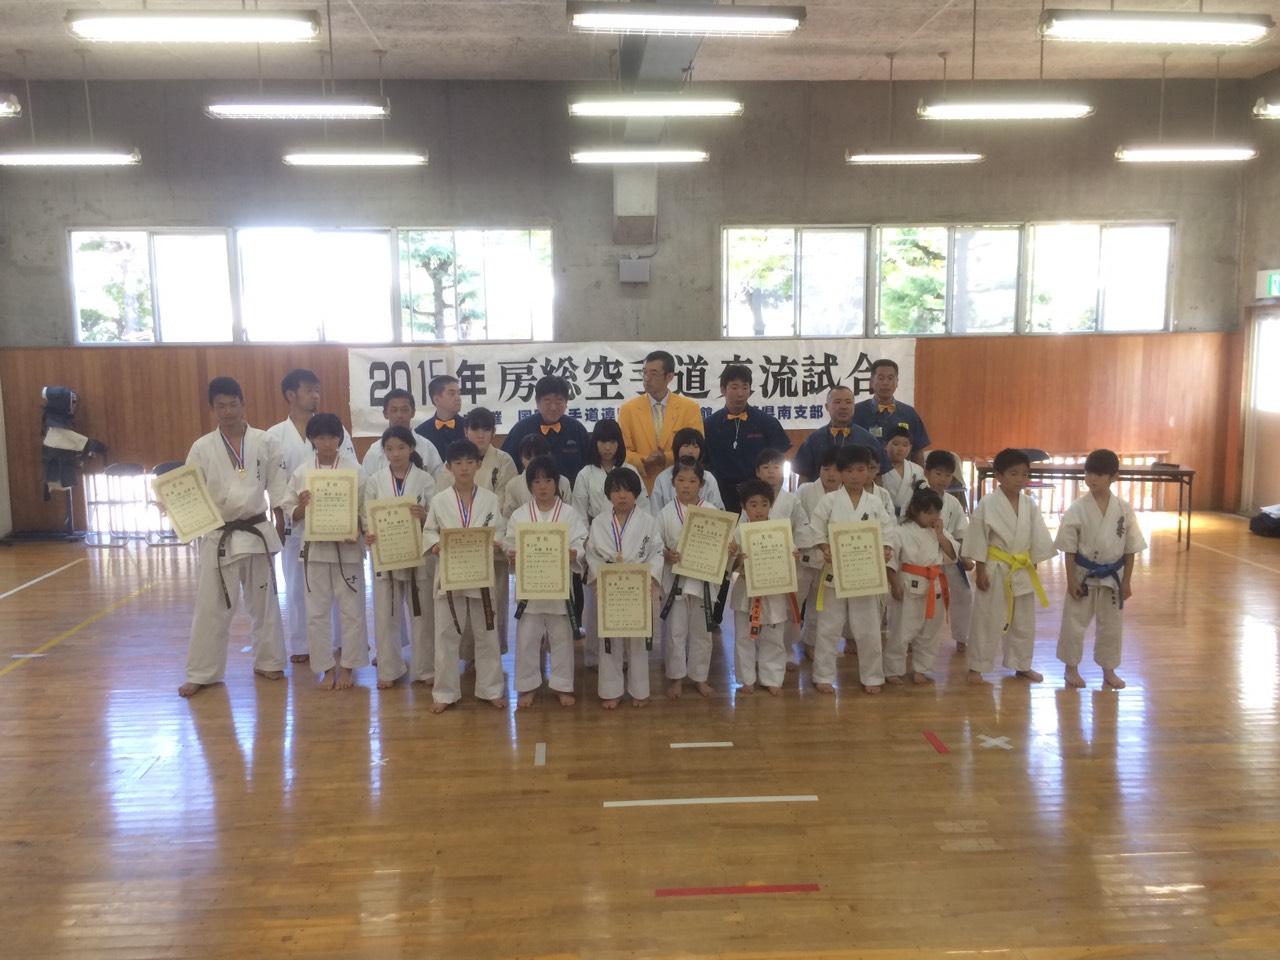 http://www.kyokushin-chibaminami.com/images/1444652886263.jpg